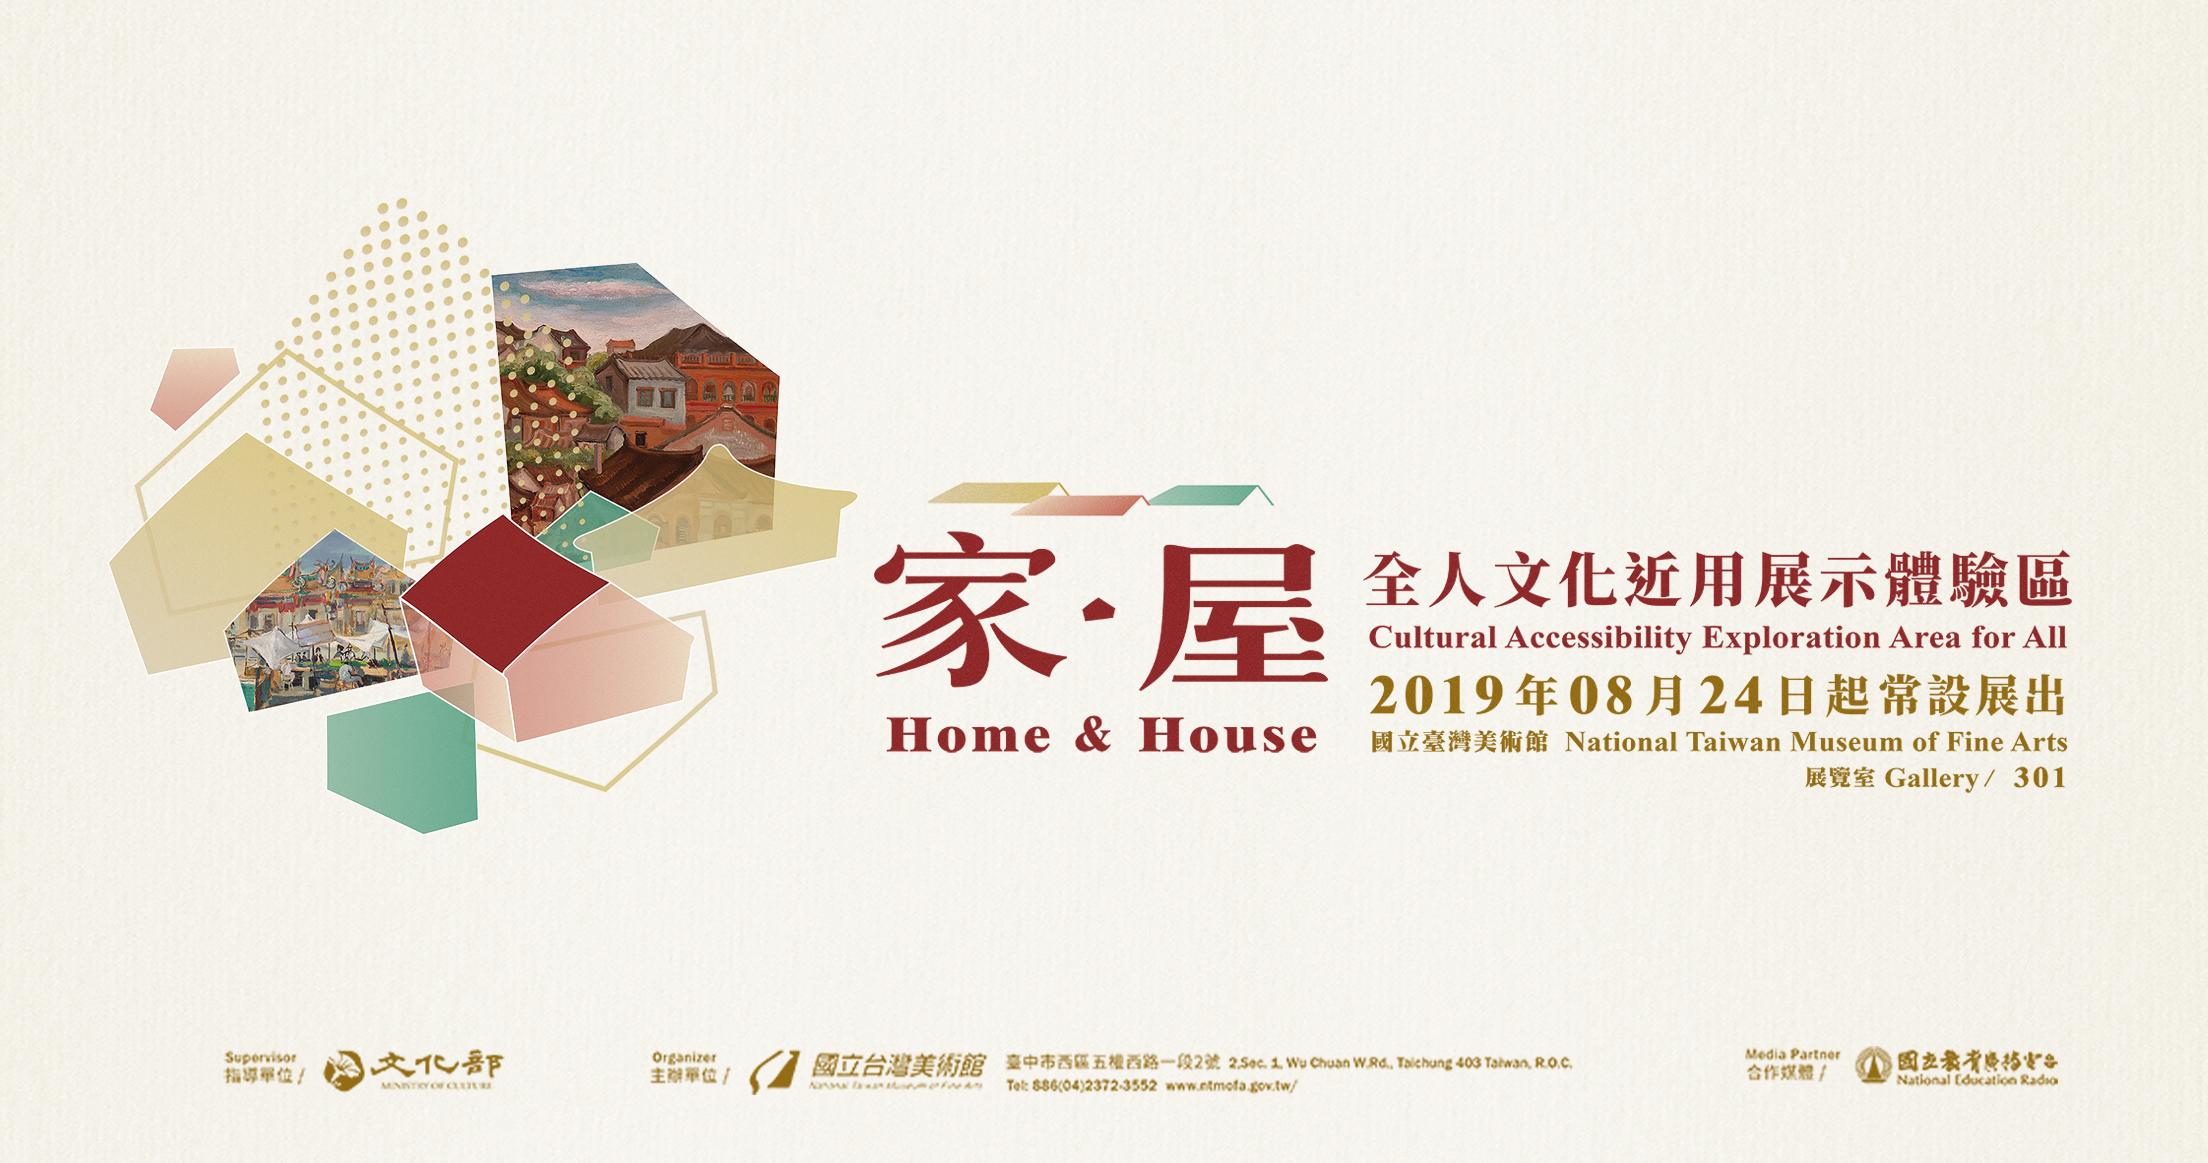 「家.屋」全人文化近用展示體驗區opennewwindow